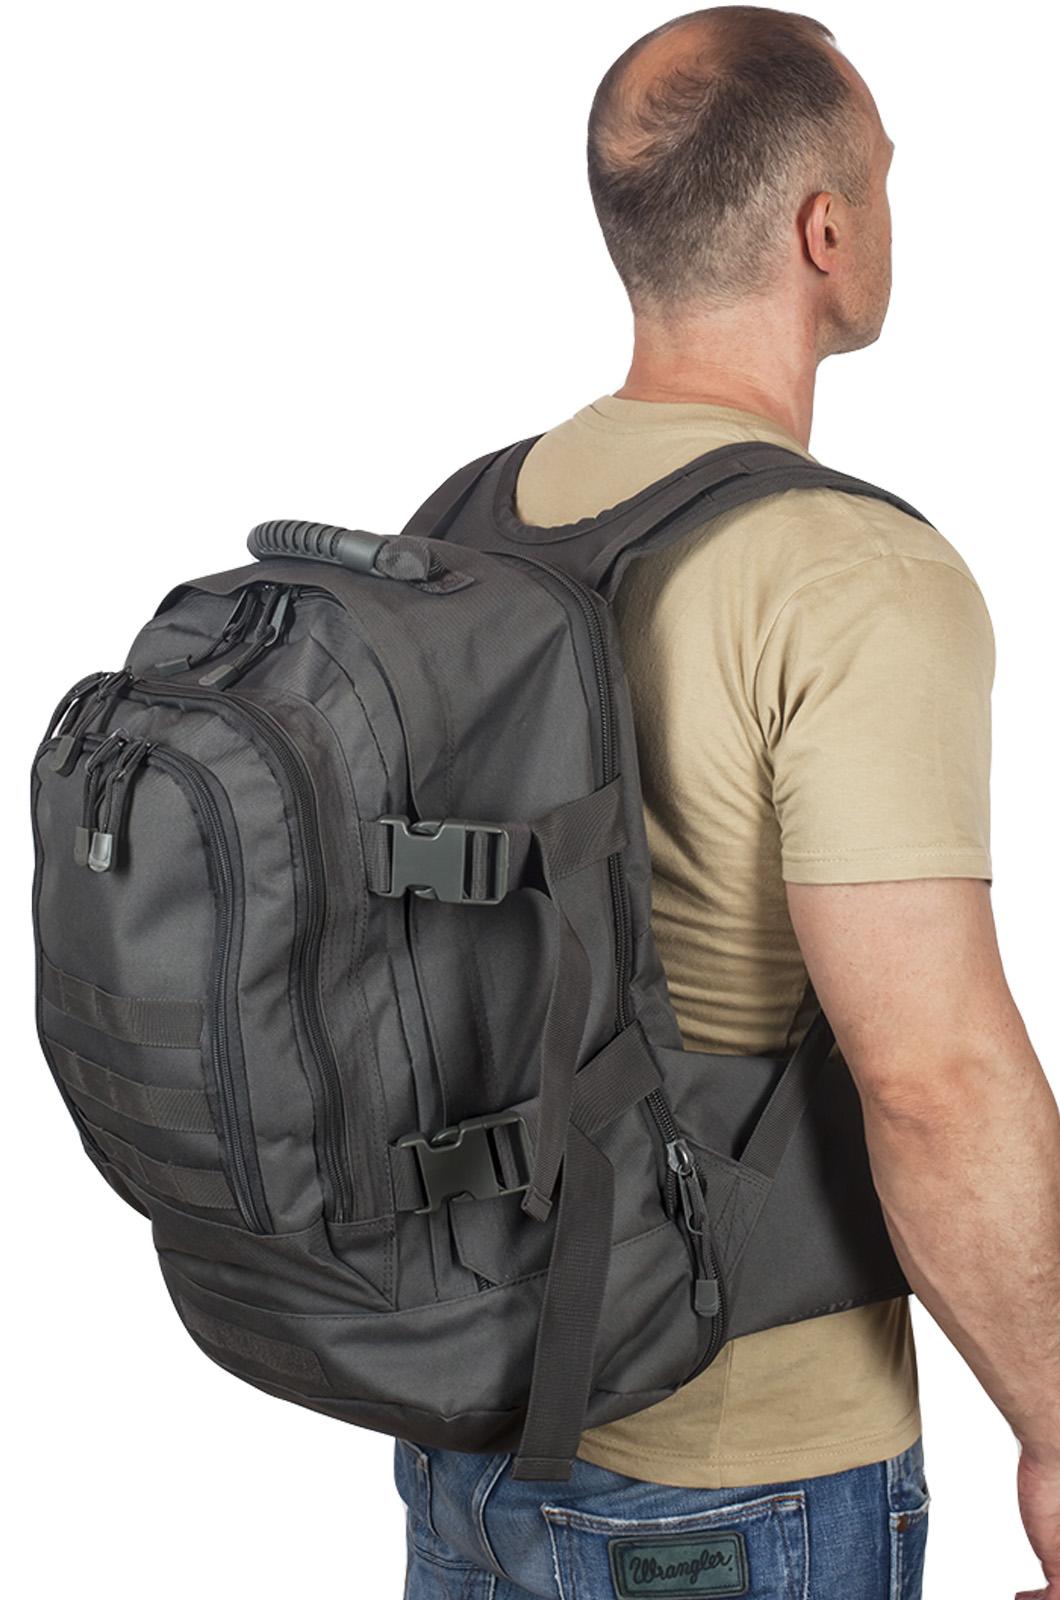 Универсальный рюкзак для города и полевых выходов 3-Day Expandable Backpack 08002A Dark Grey высокого качества